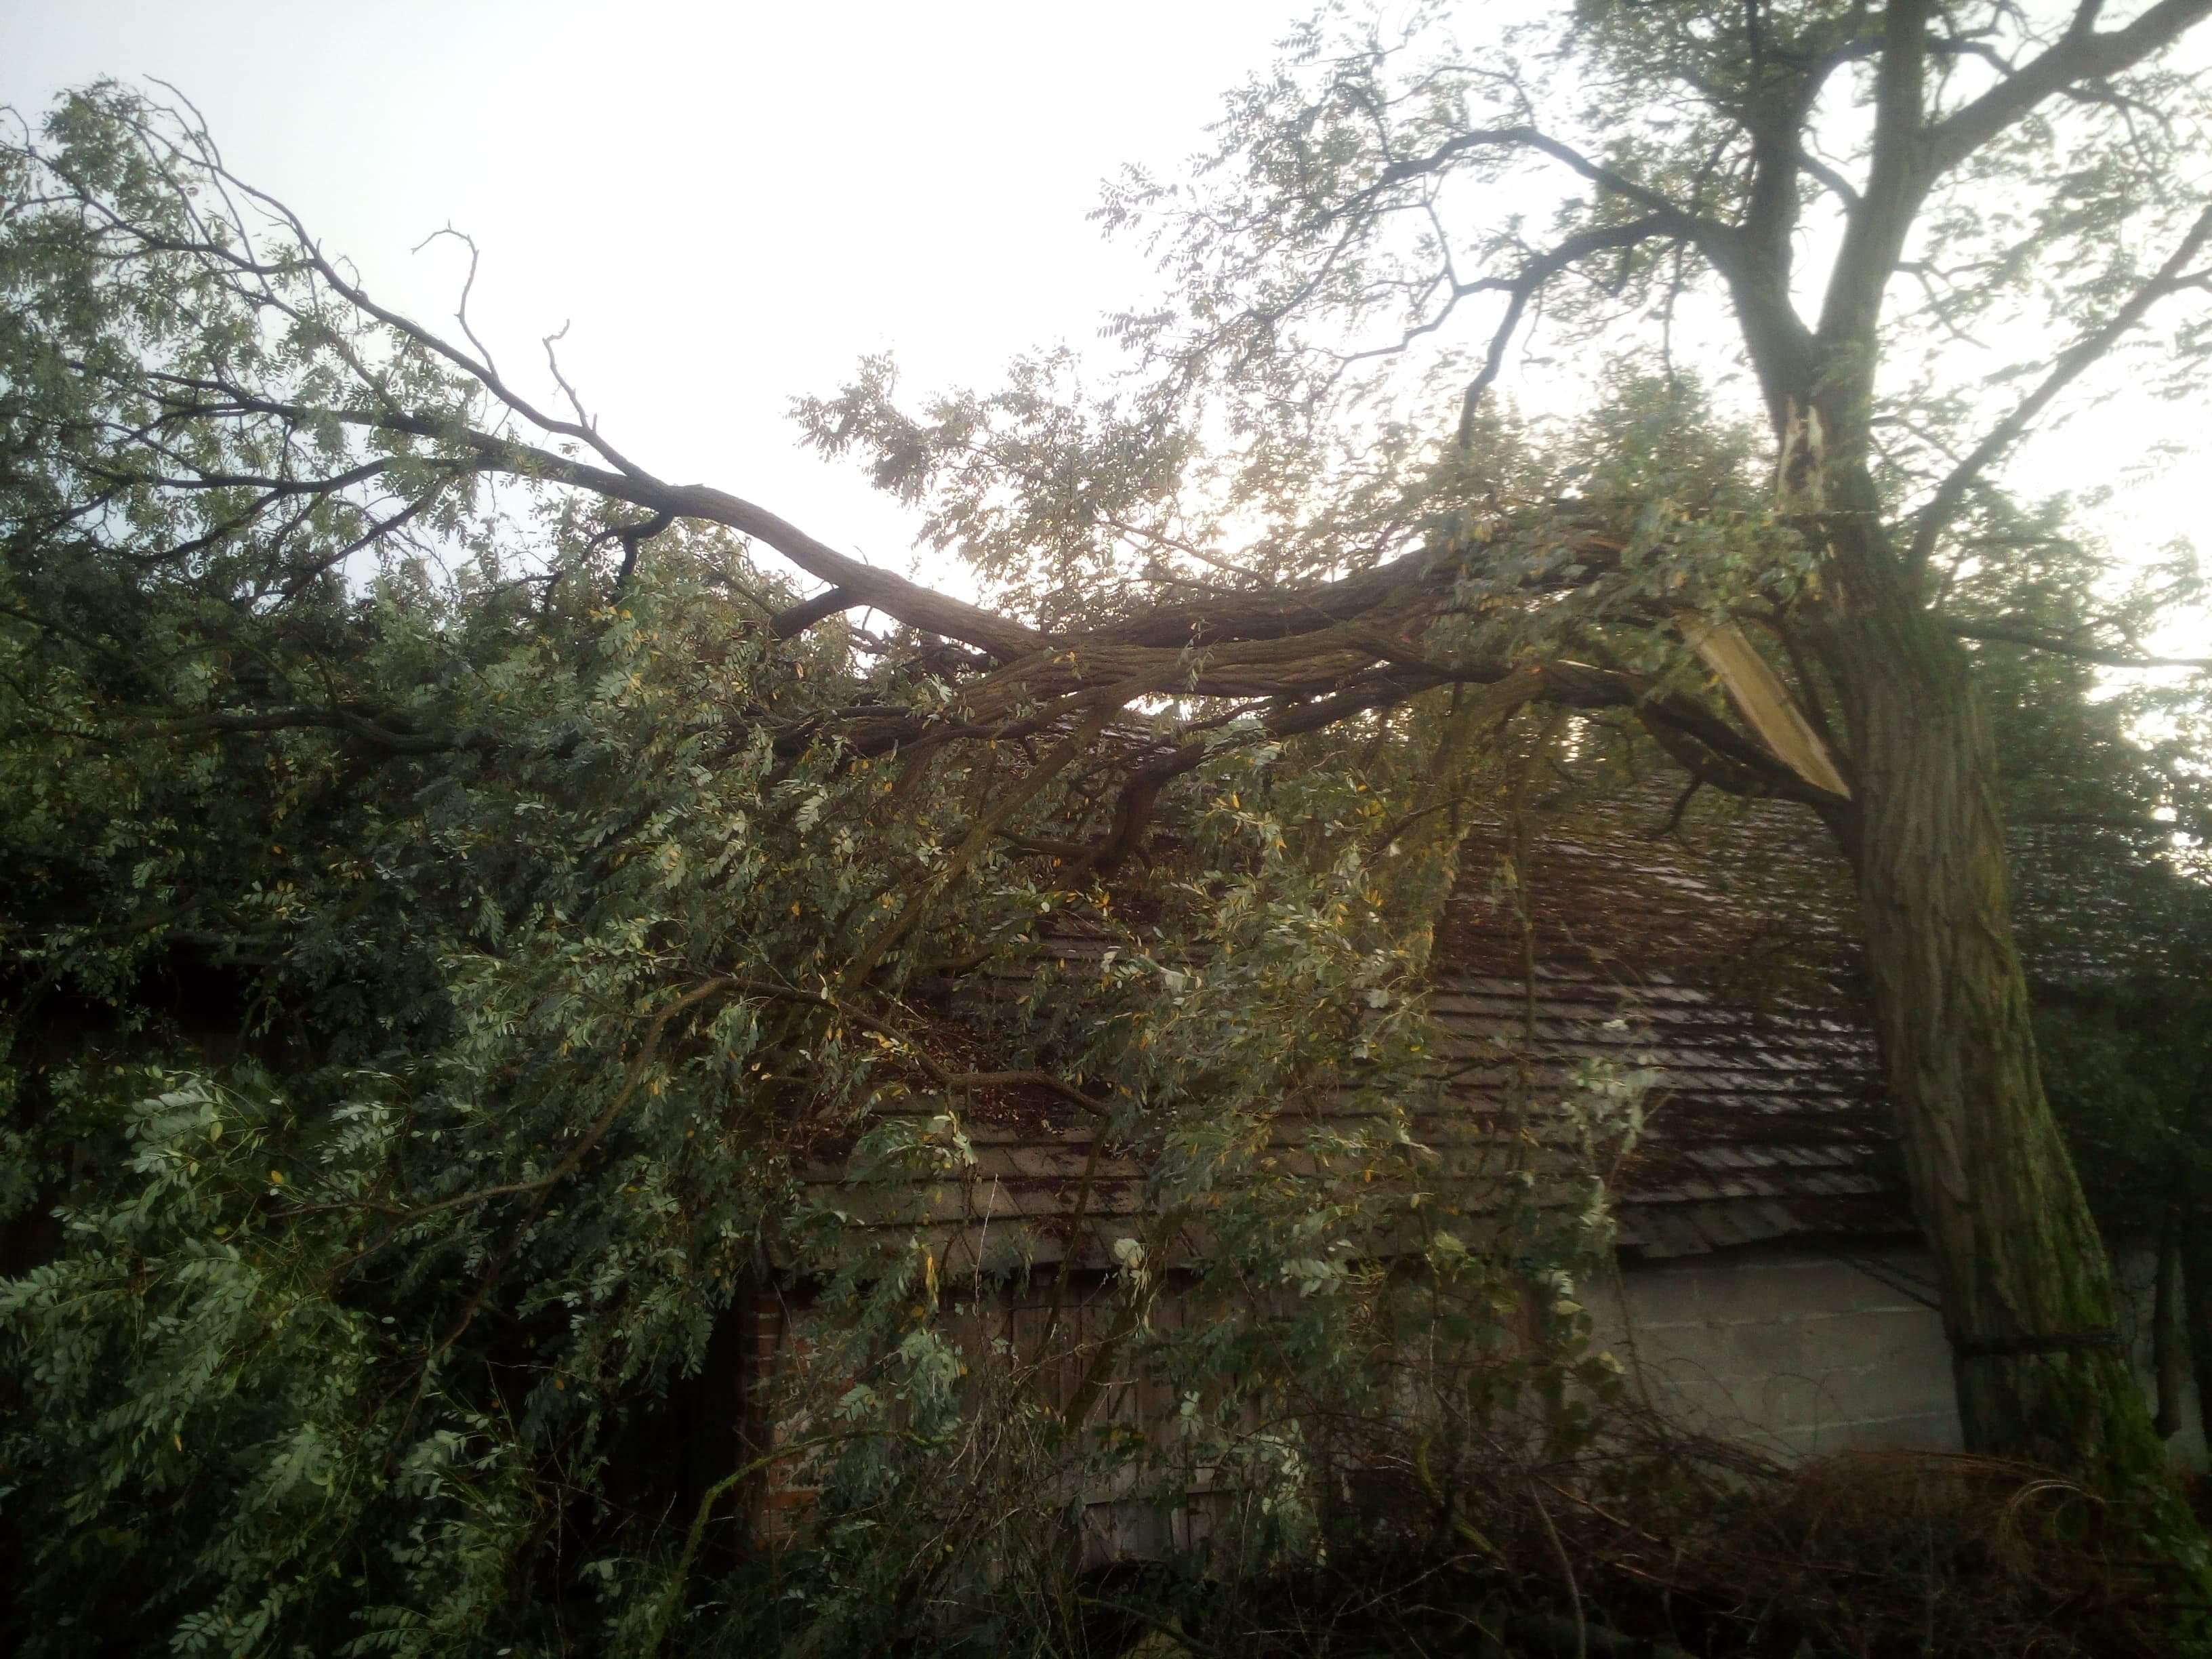 Wichura wciąż szaleje. Drzewo na dachu! - Zdjęcie główne